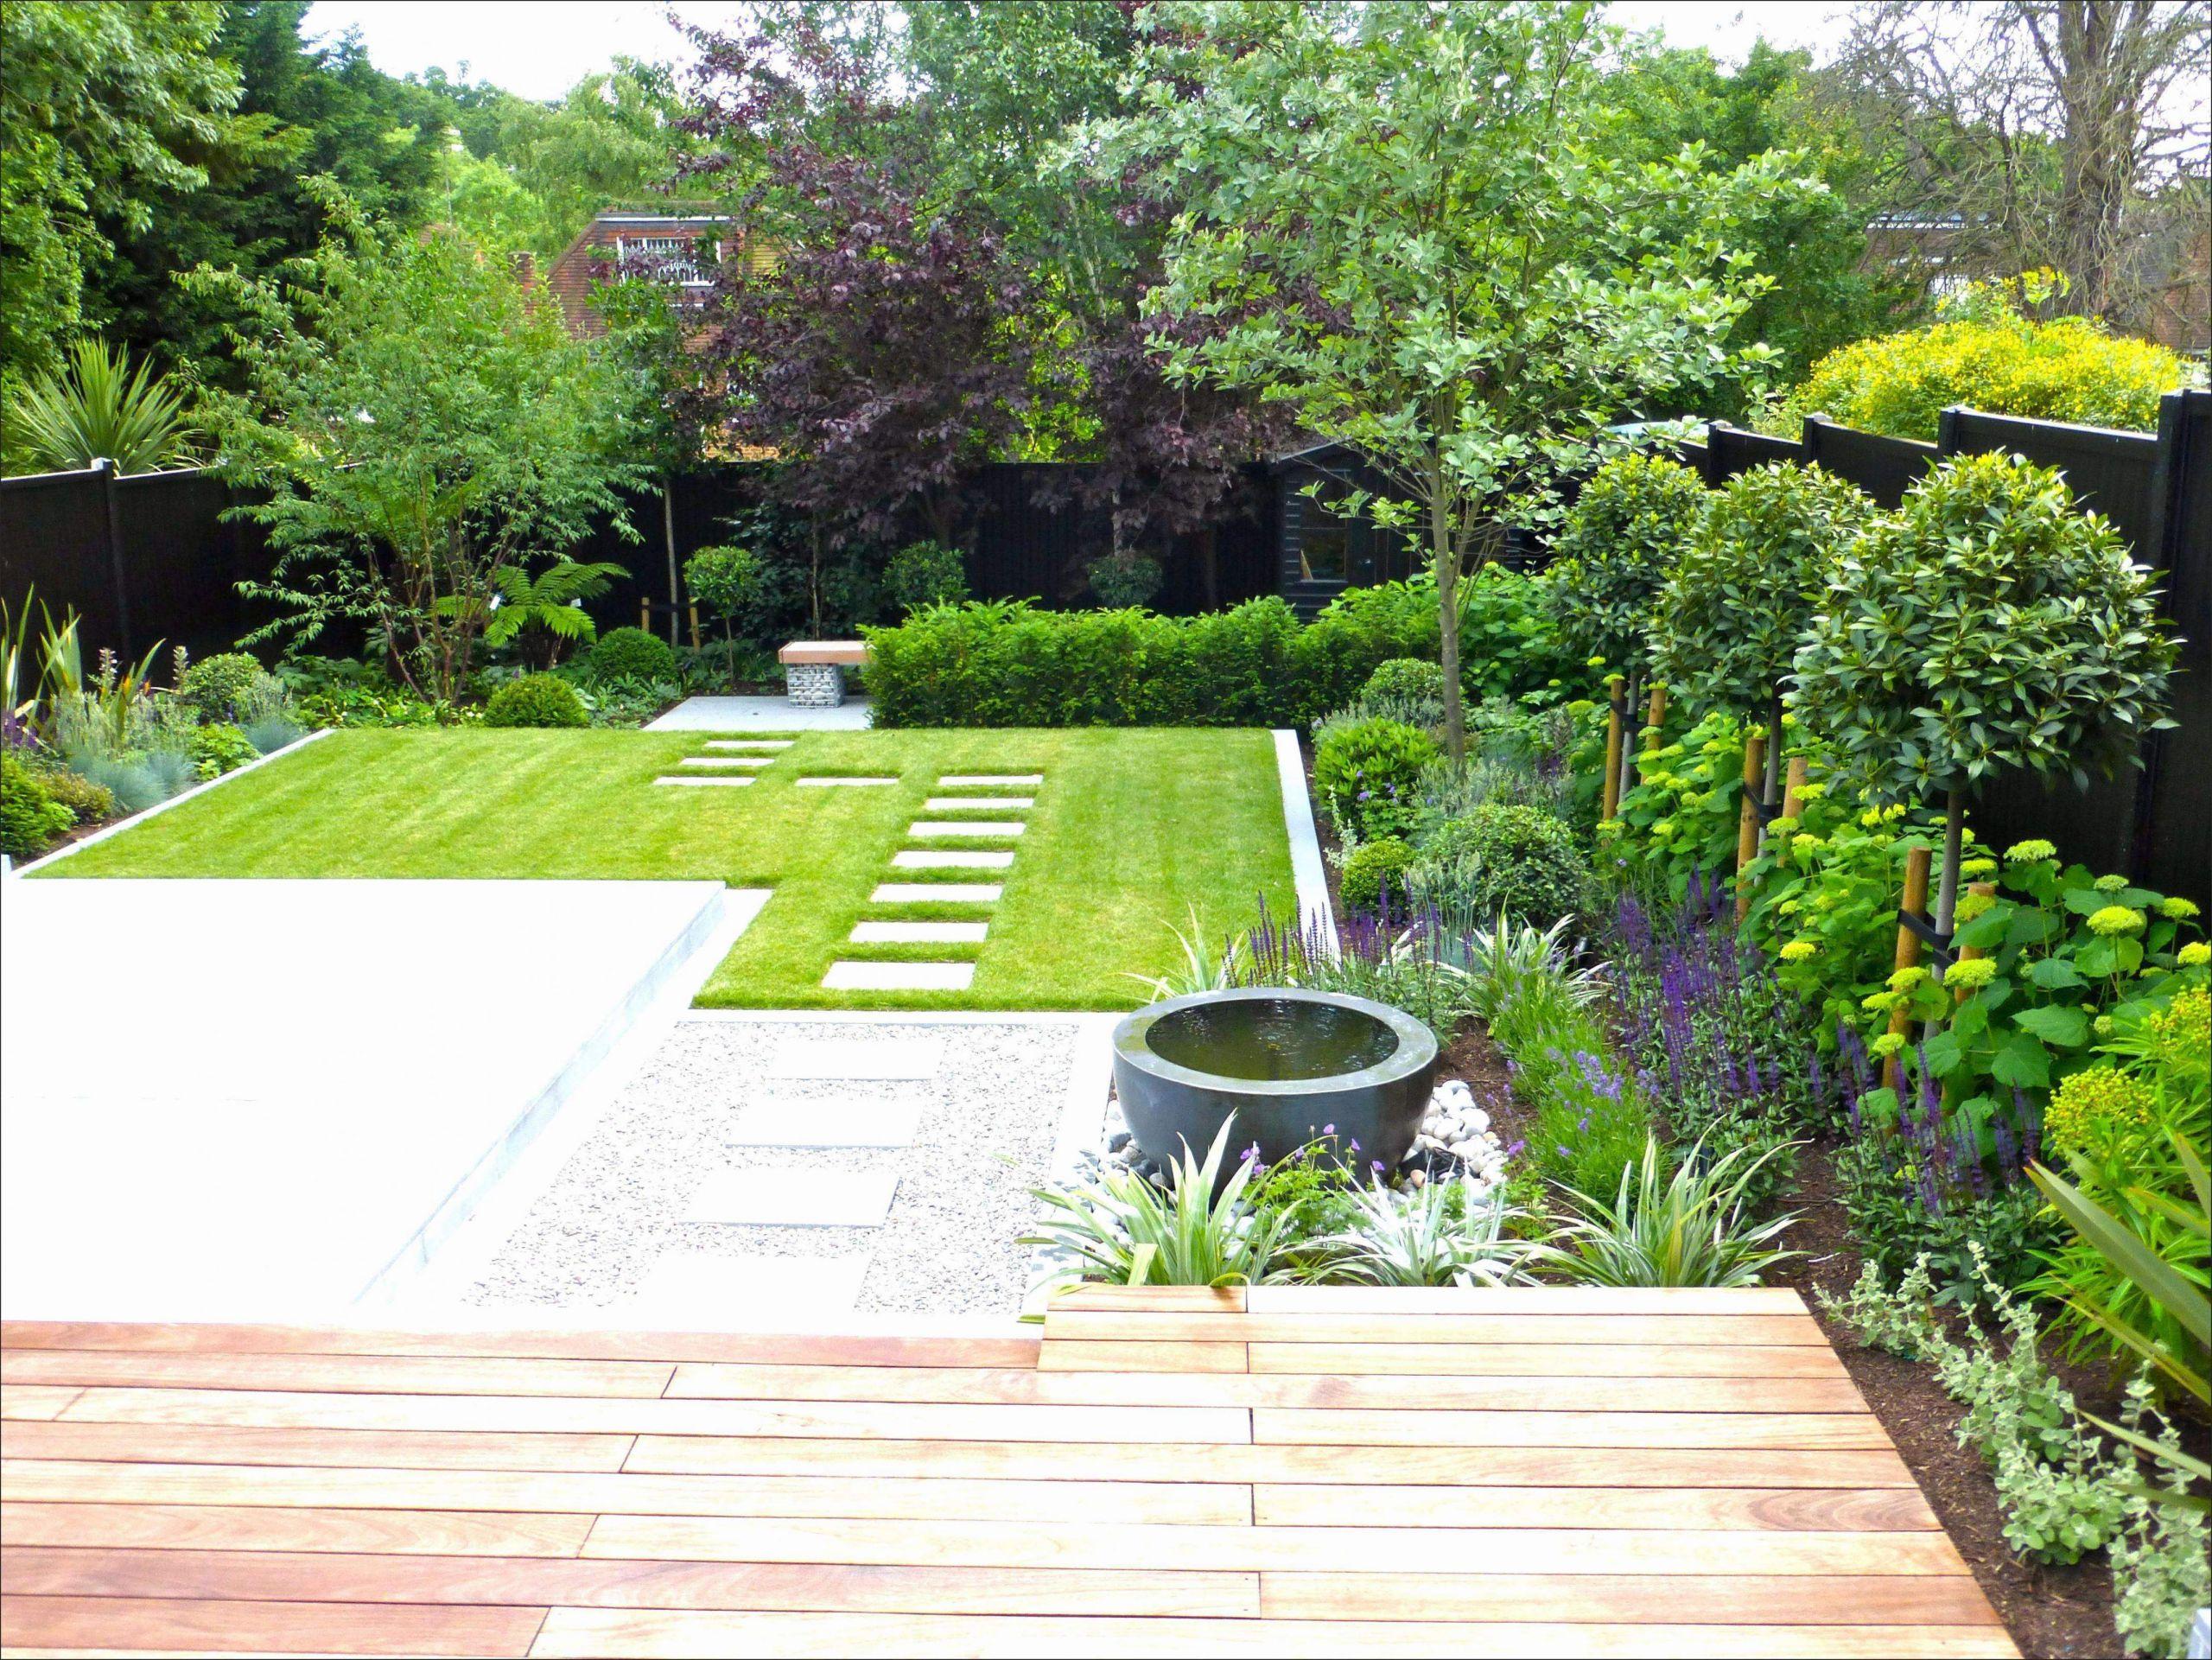 Großen Garten Gestalten Inspirierend Deko Draußen Selber Machen — Temobardz Home Blog